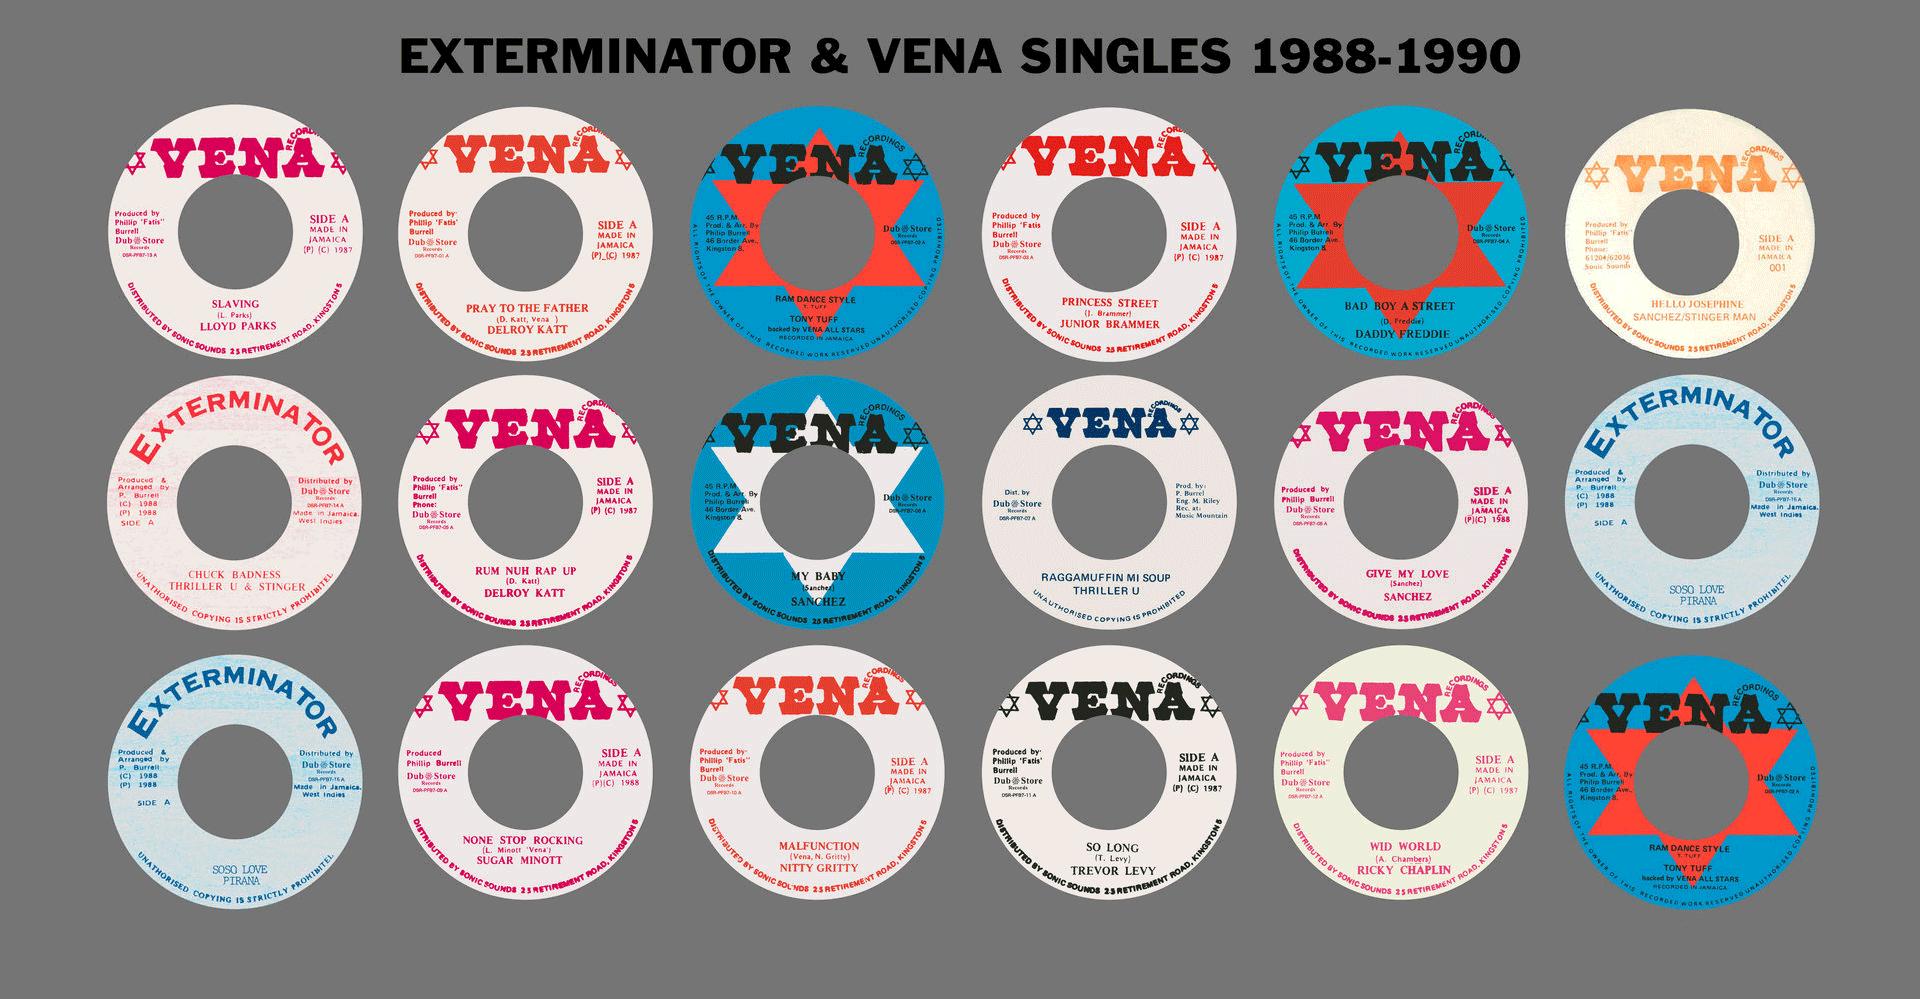 Exterminator & Vena Singles 1988-1990: album cover